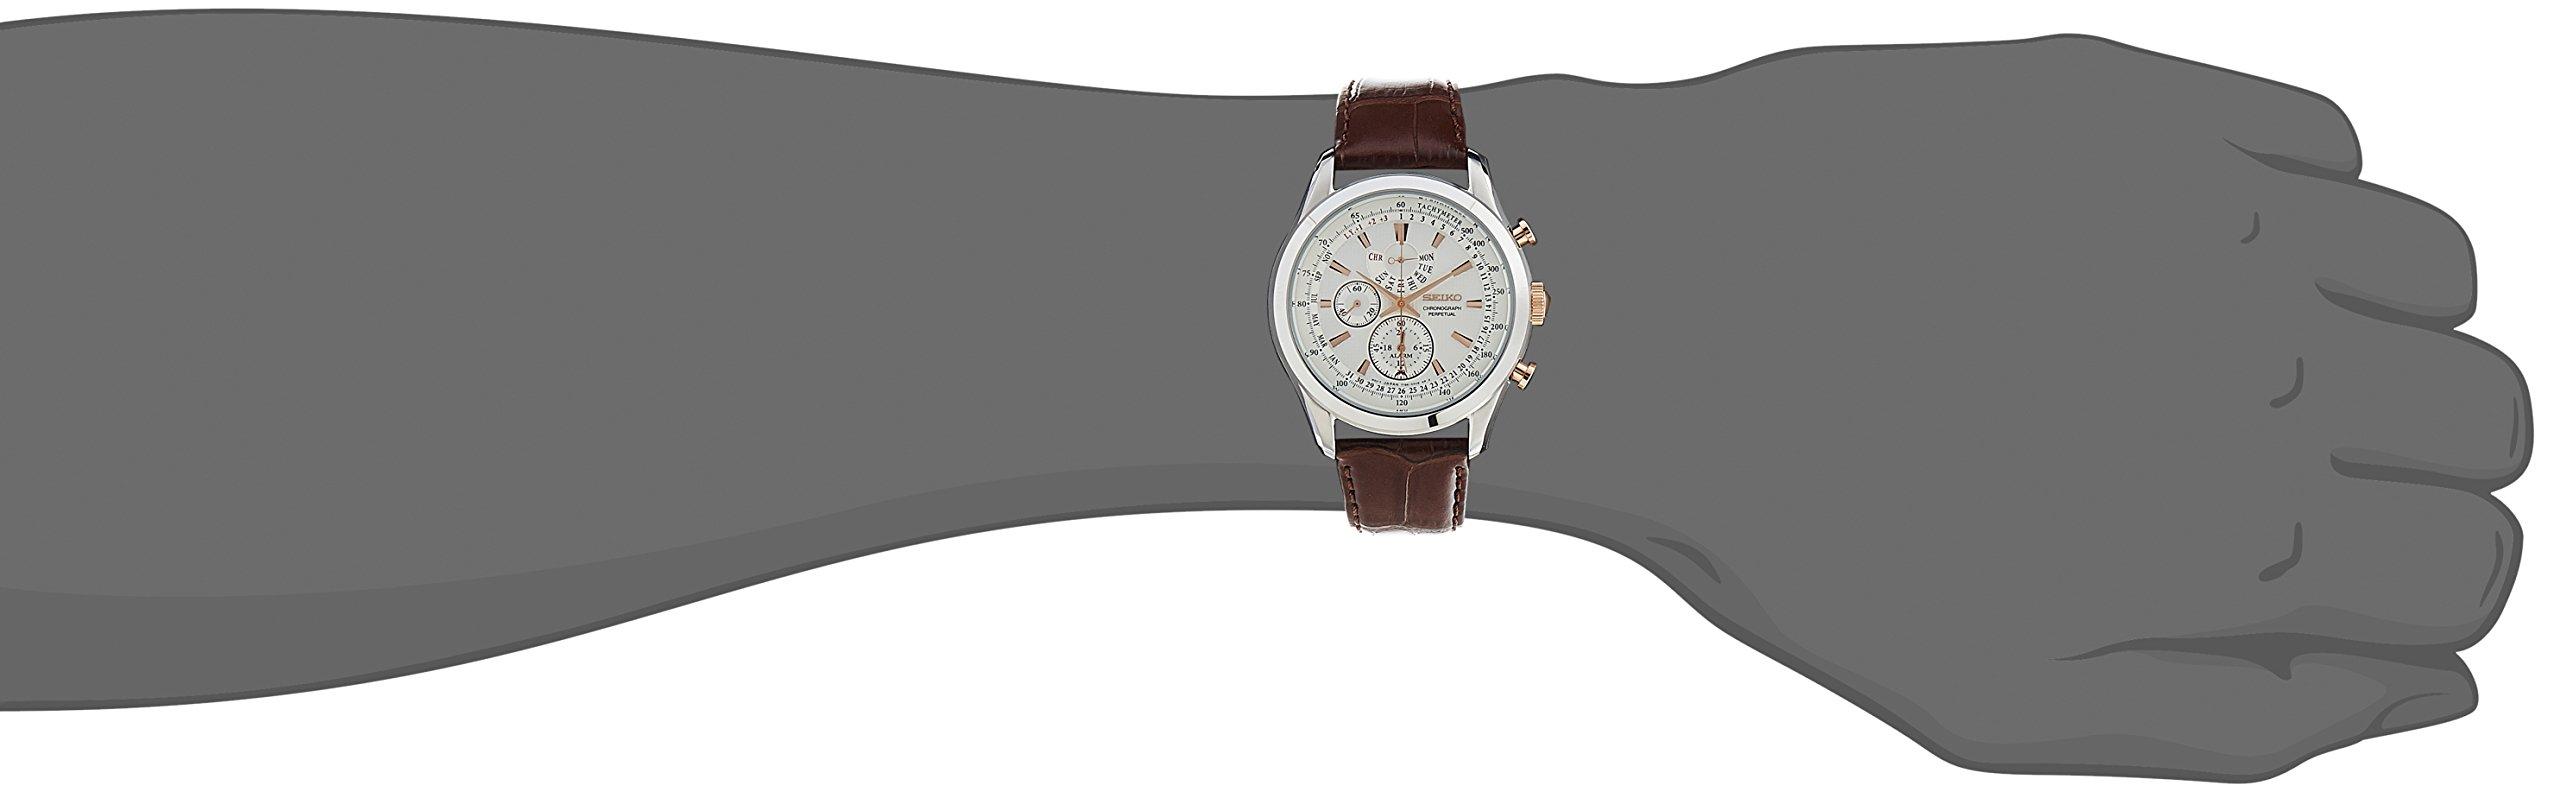 Seiko Dress Chronograph White Dial Men's Watch-SPC129P1